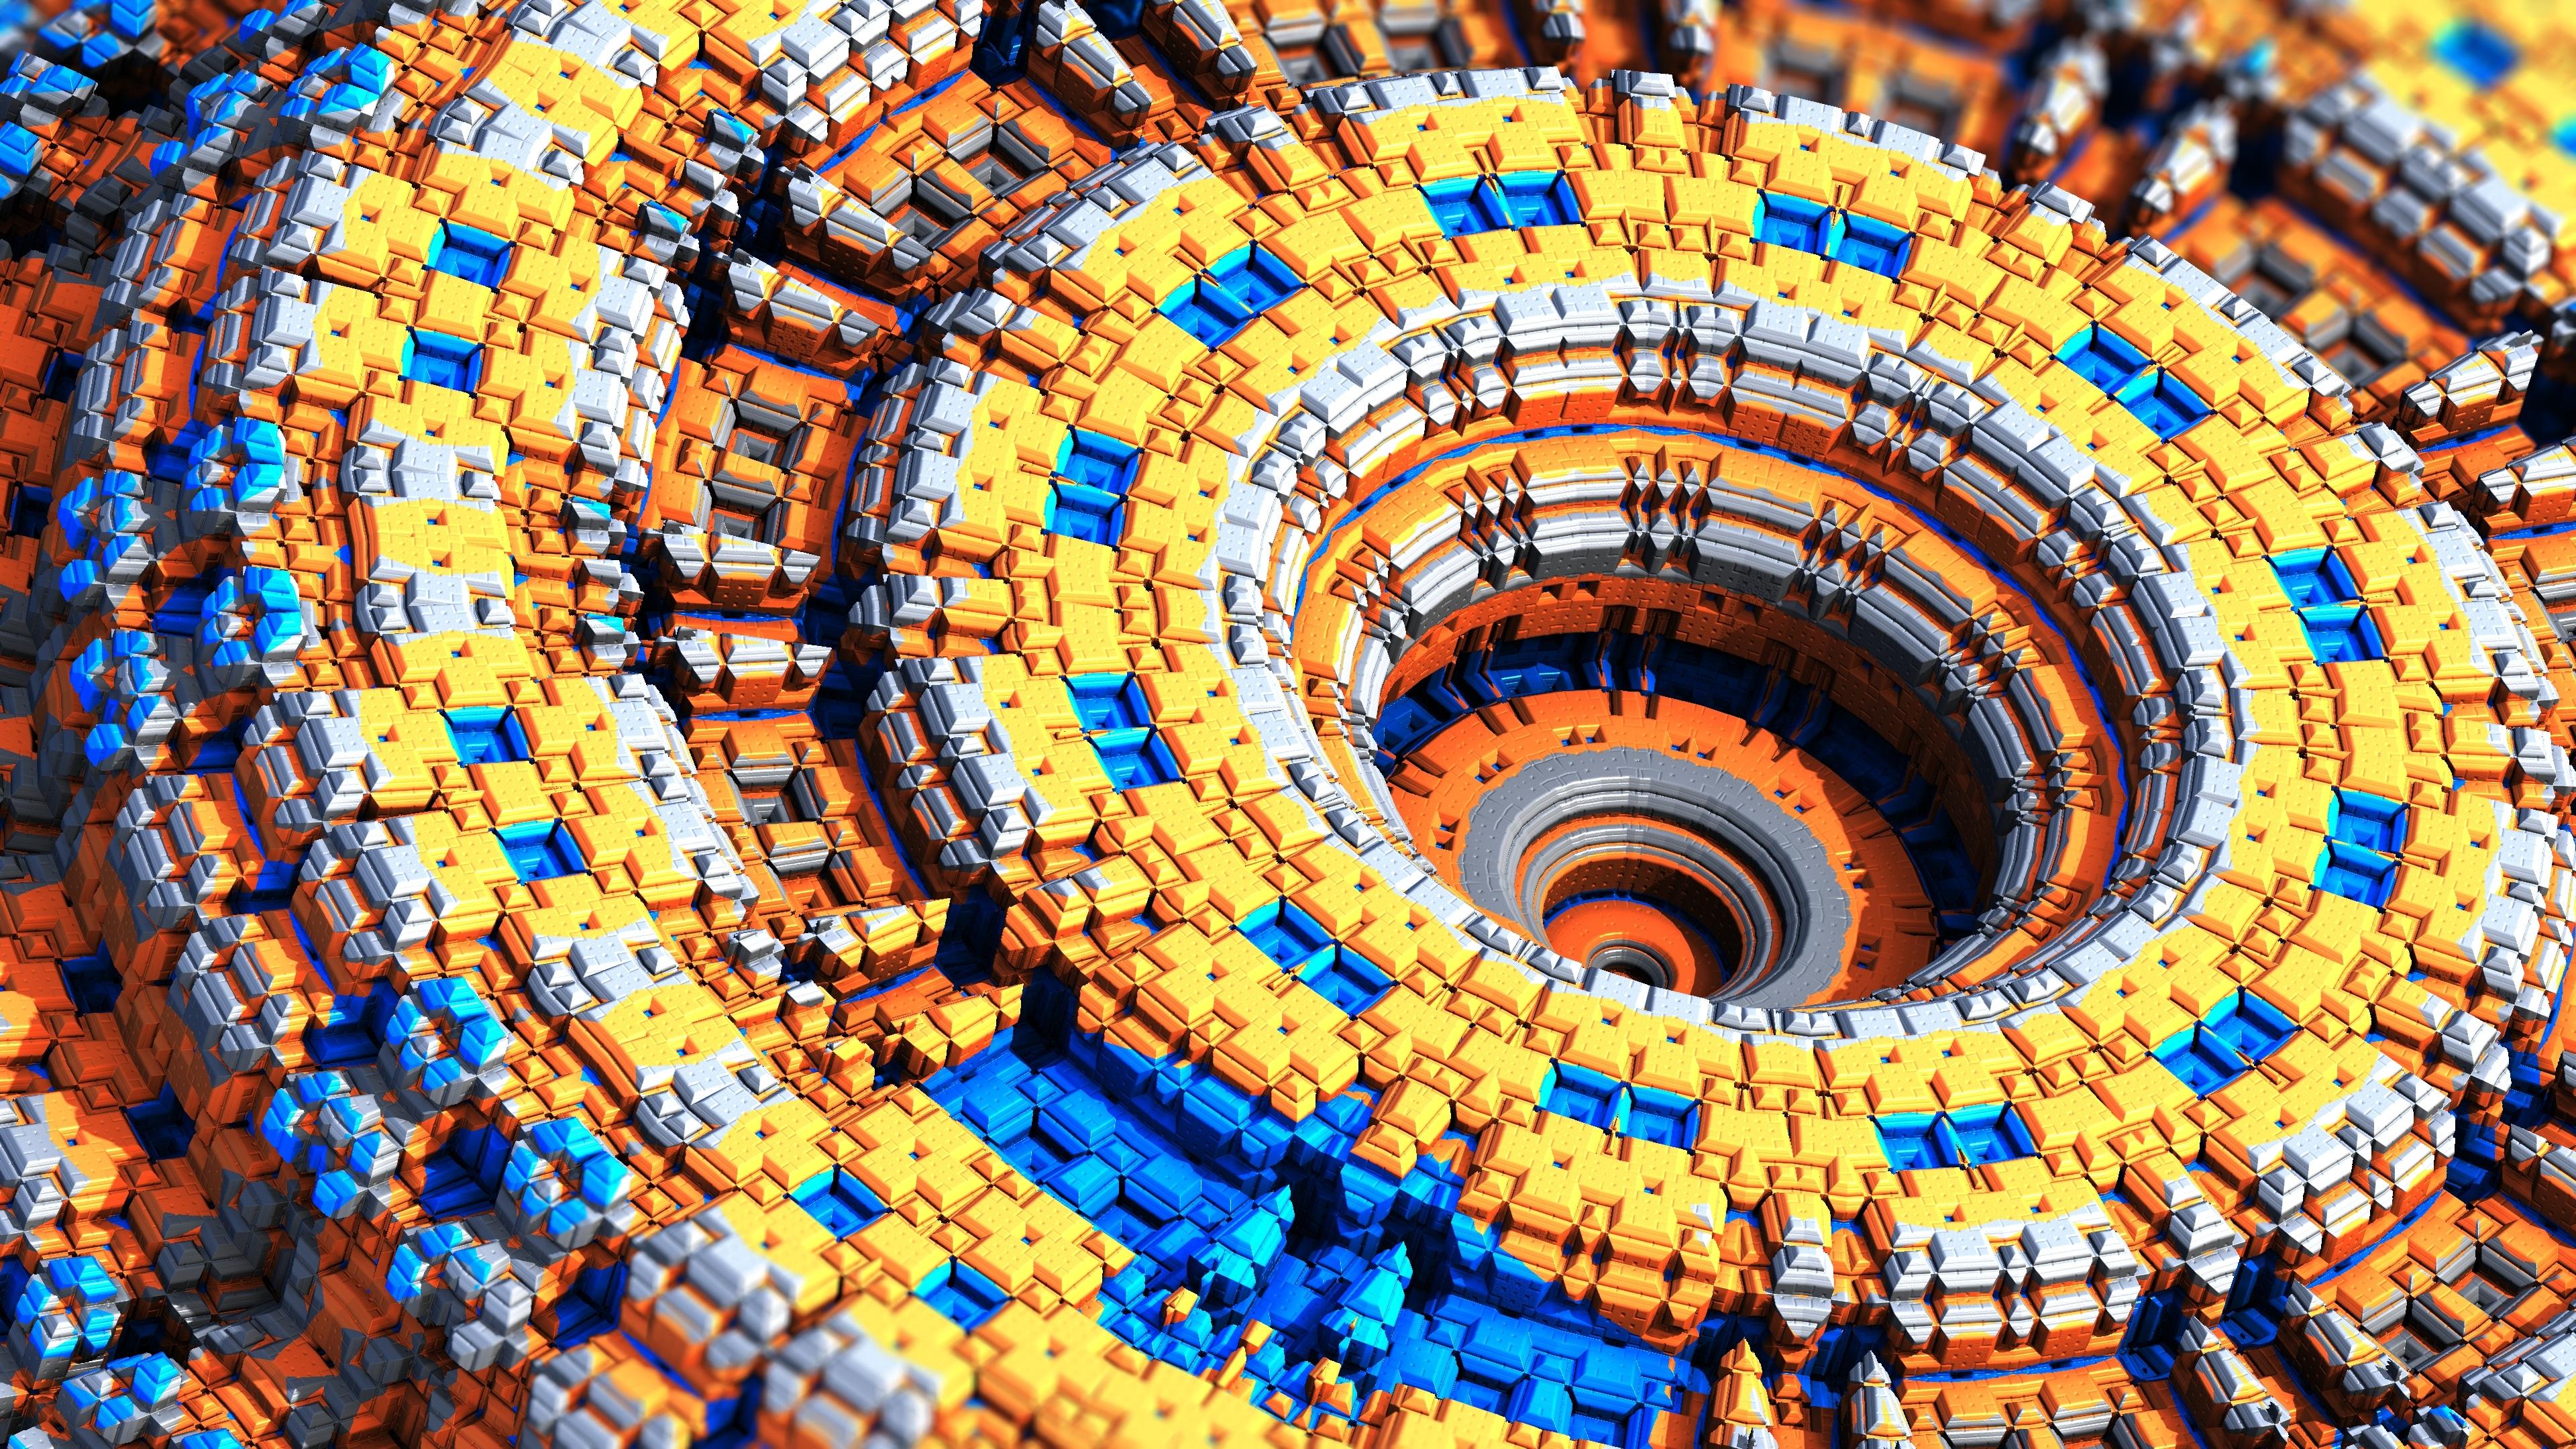 Большое колесо из мельчайших деталей конструктора желтый,синий, коричневый